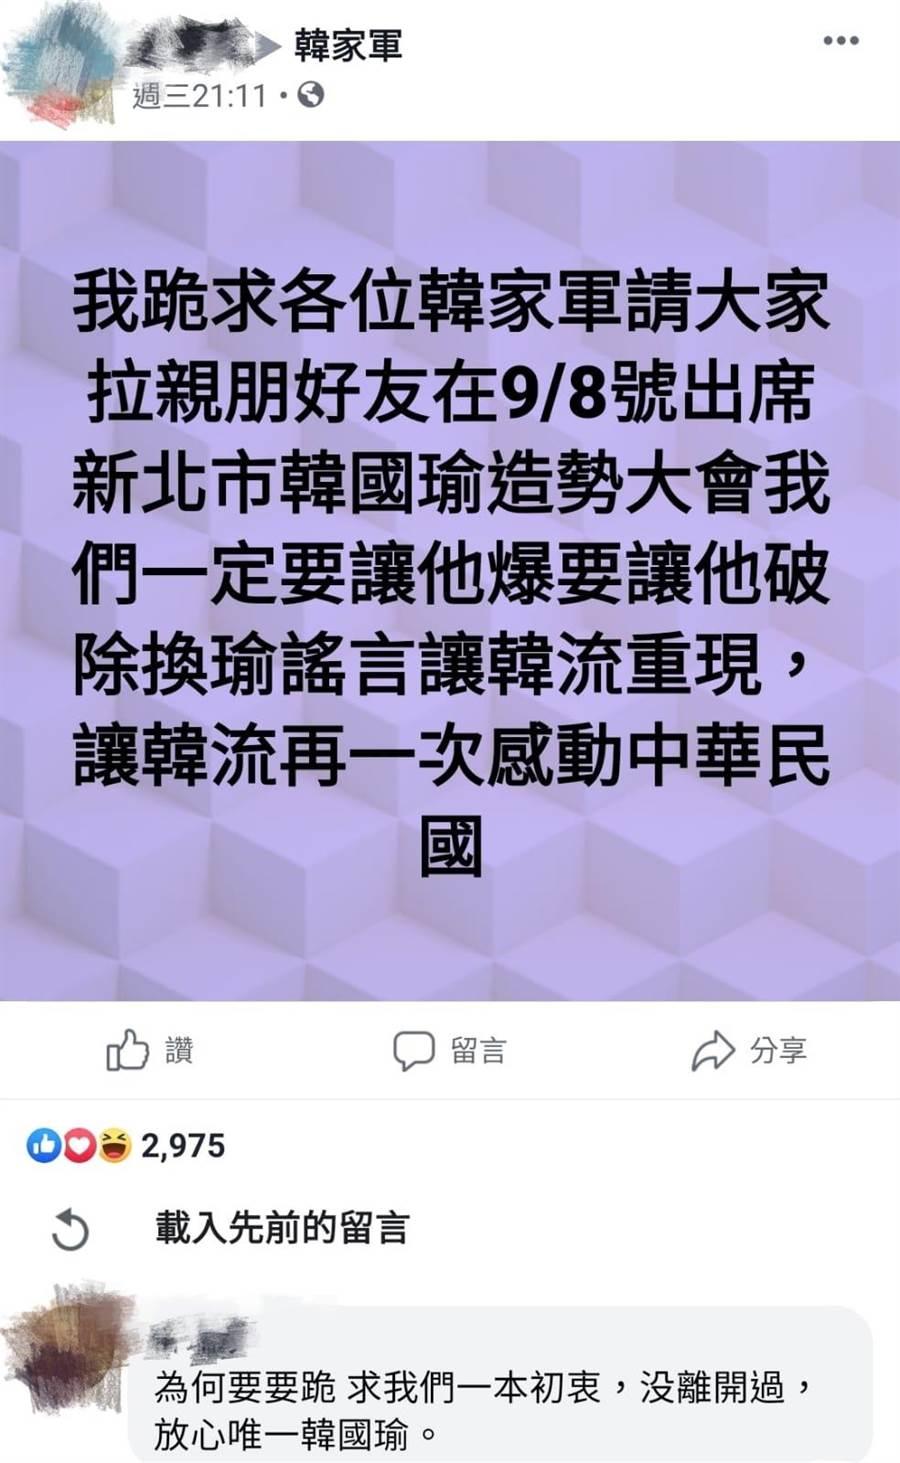 網友臉書發文。(圖/翻攝自臉書「韓家軍」)